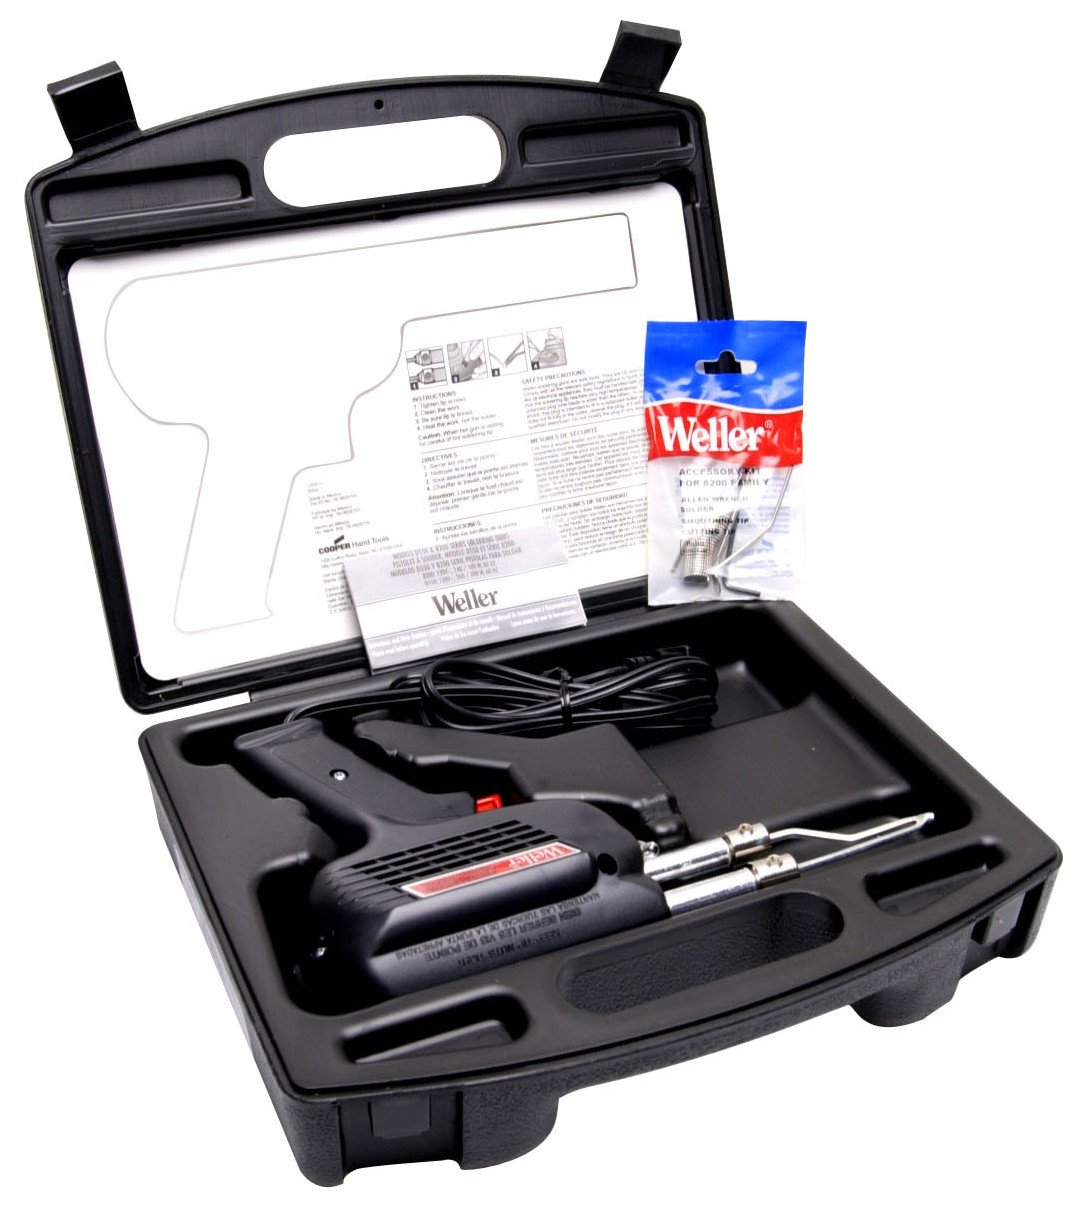 2 Pack Weller D550PK 120-Volt Professional Soldering Gun Kit - 260/200 Watts